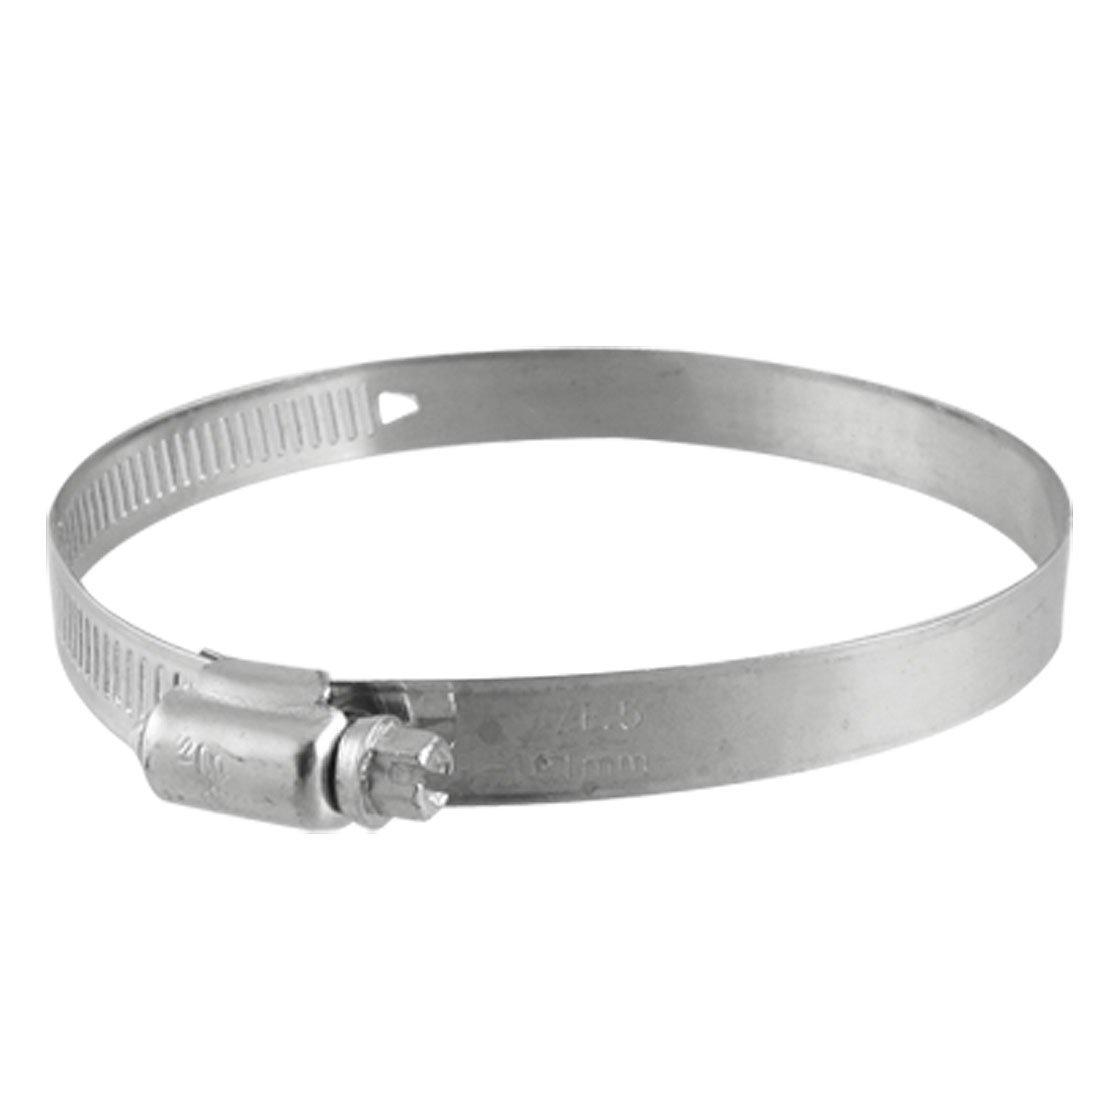 2 piezas banda ajustable de 101 millimeter 78 - de tornillo sin fin para abrazaderas de tubo flexible Sourcingmap a11092400ux0015